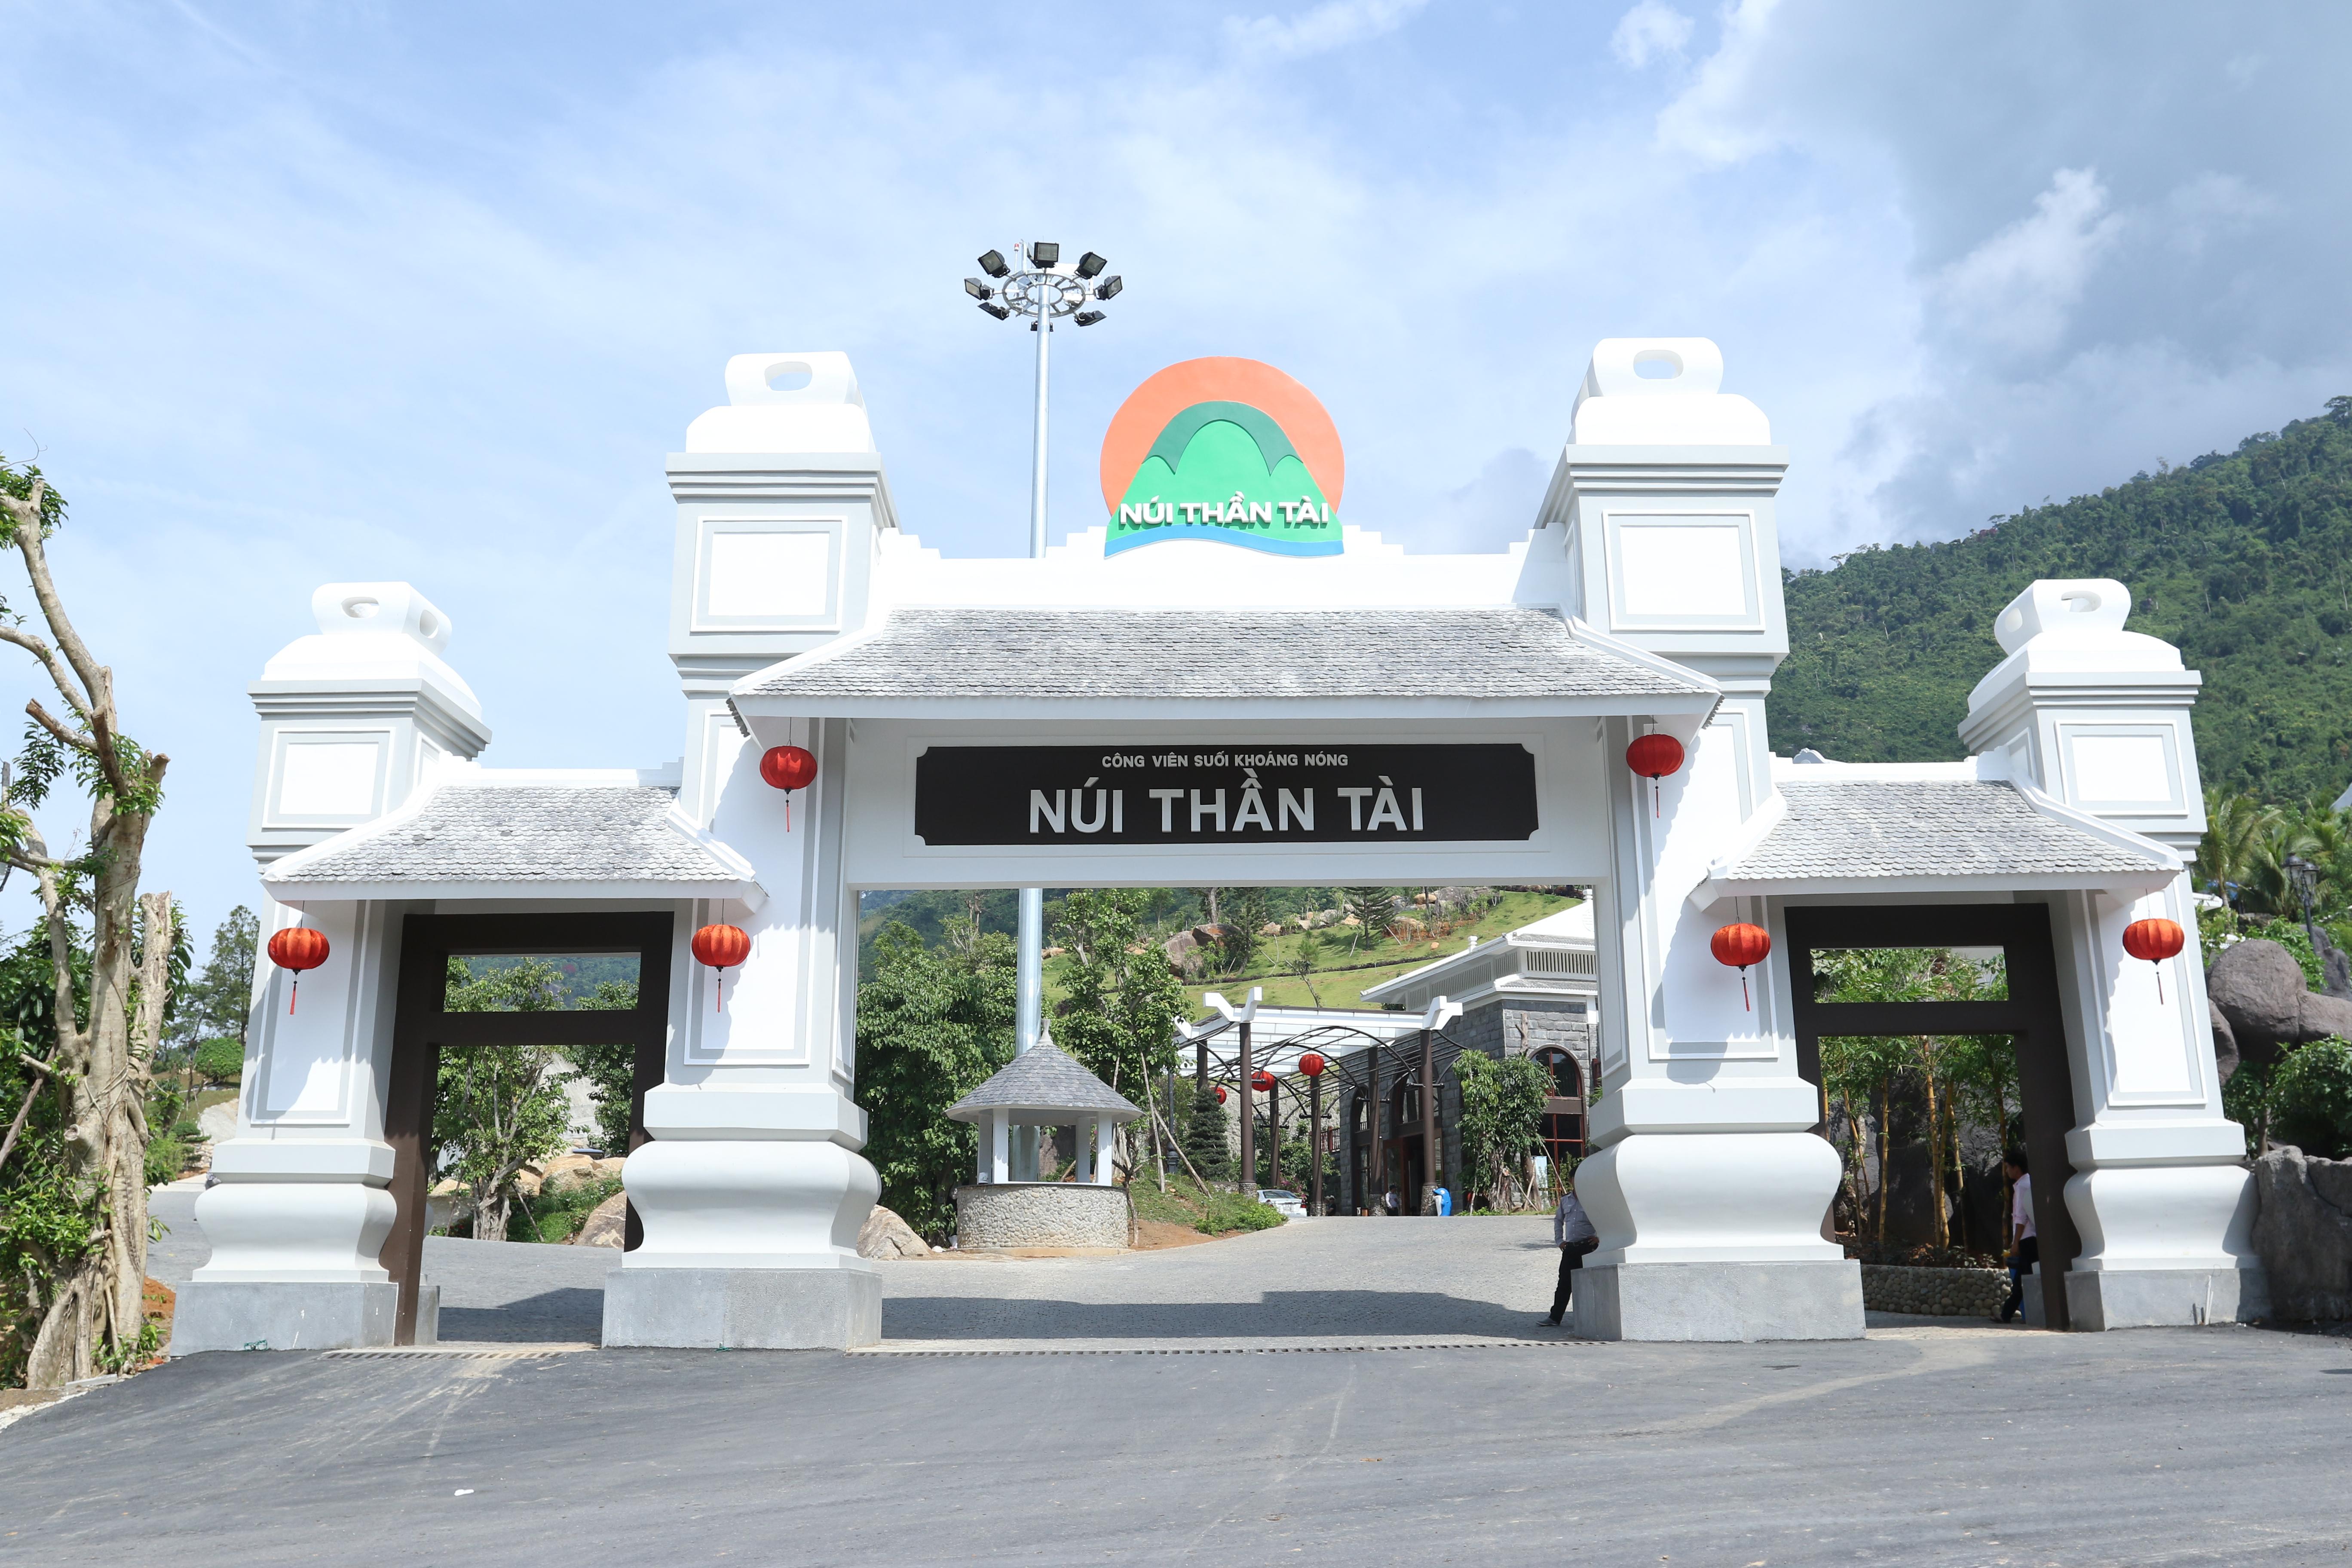 NTT - Núi khoáng nóng thần tài